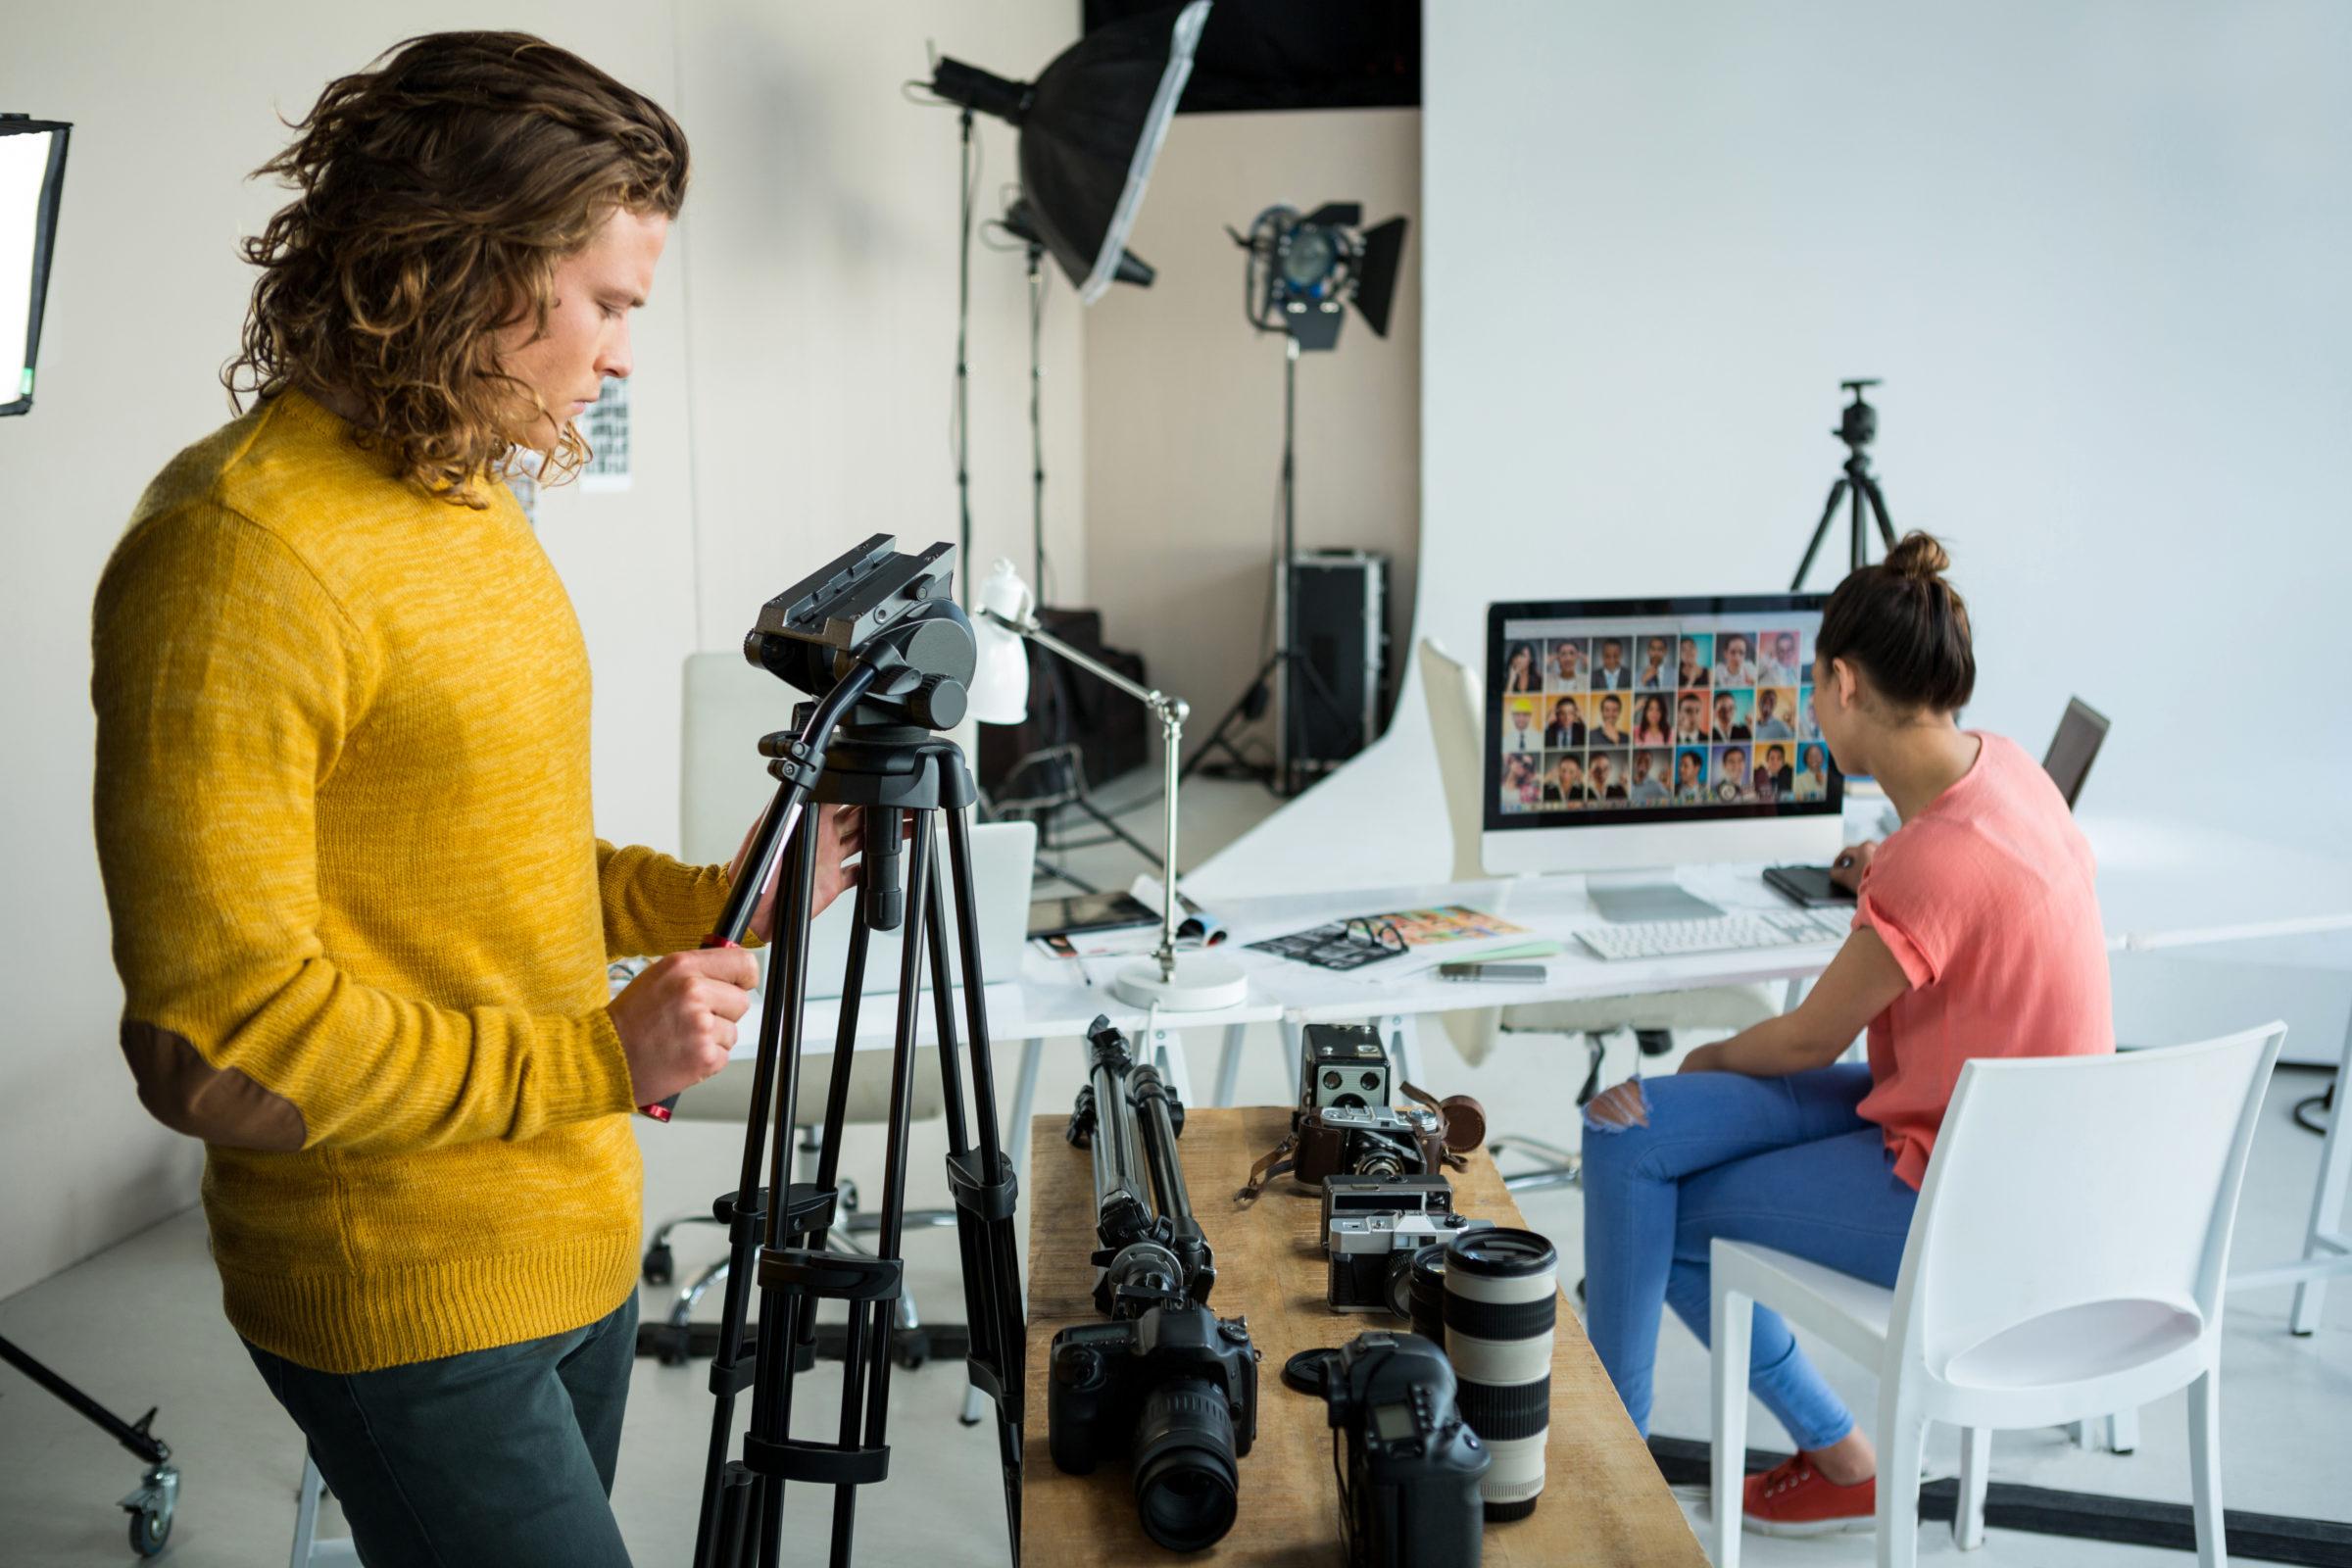 photographers working in studio 8FTRMLS